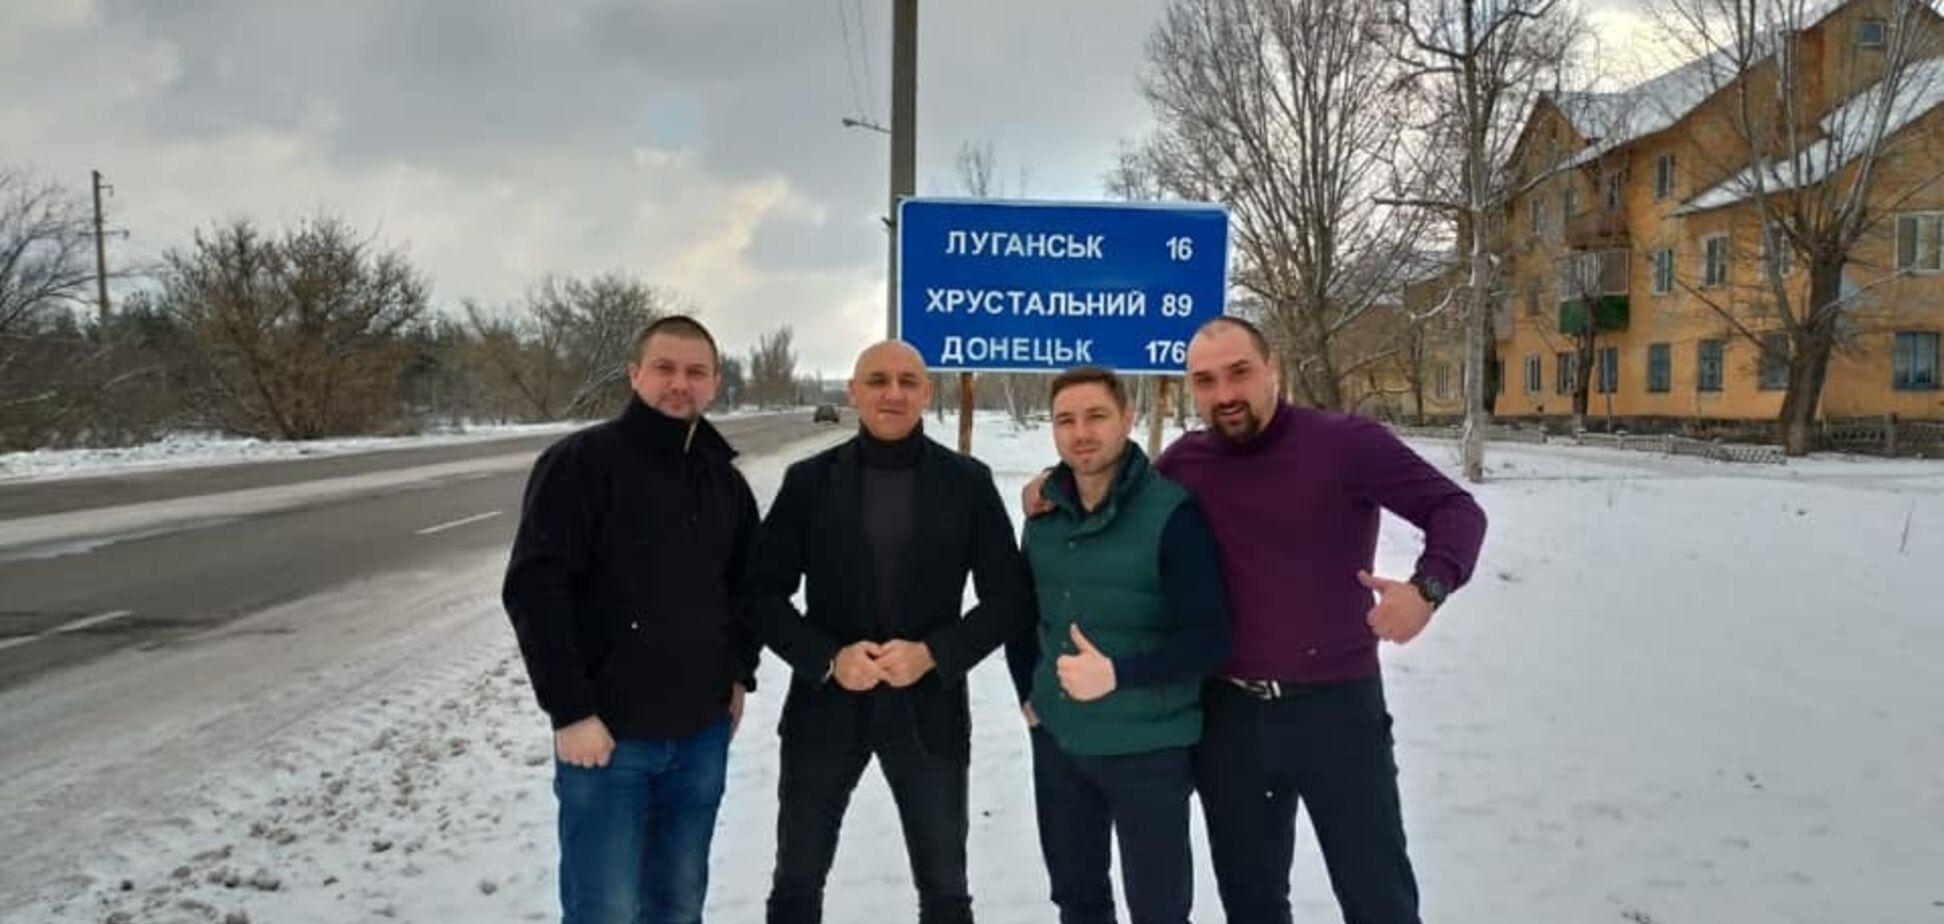 Беркутовцы, которых передали 'Л/ДНР', вернулись в Киев